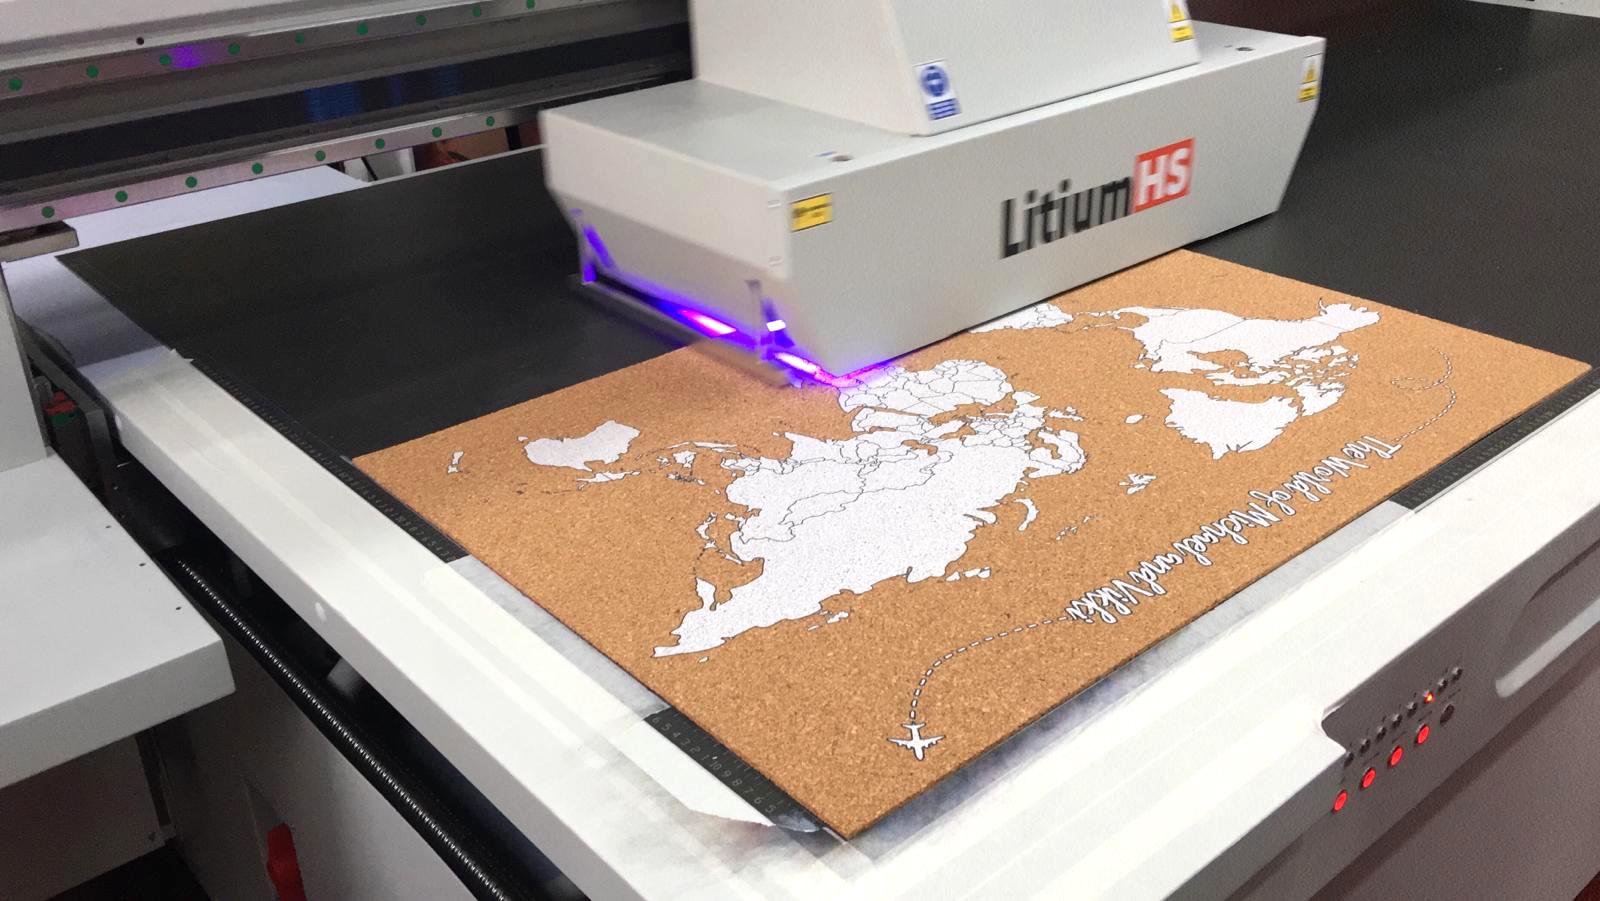 impresora imprimo litium hs